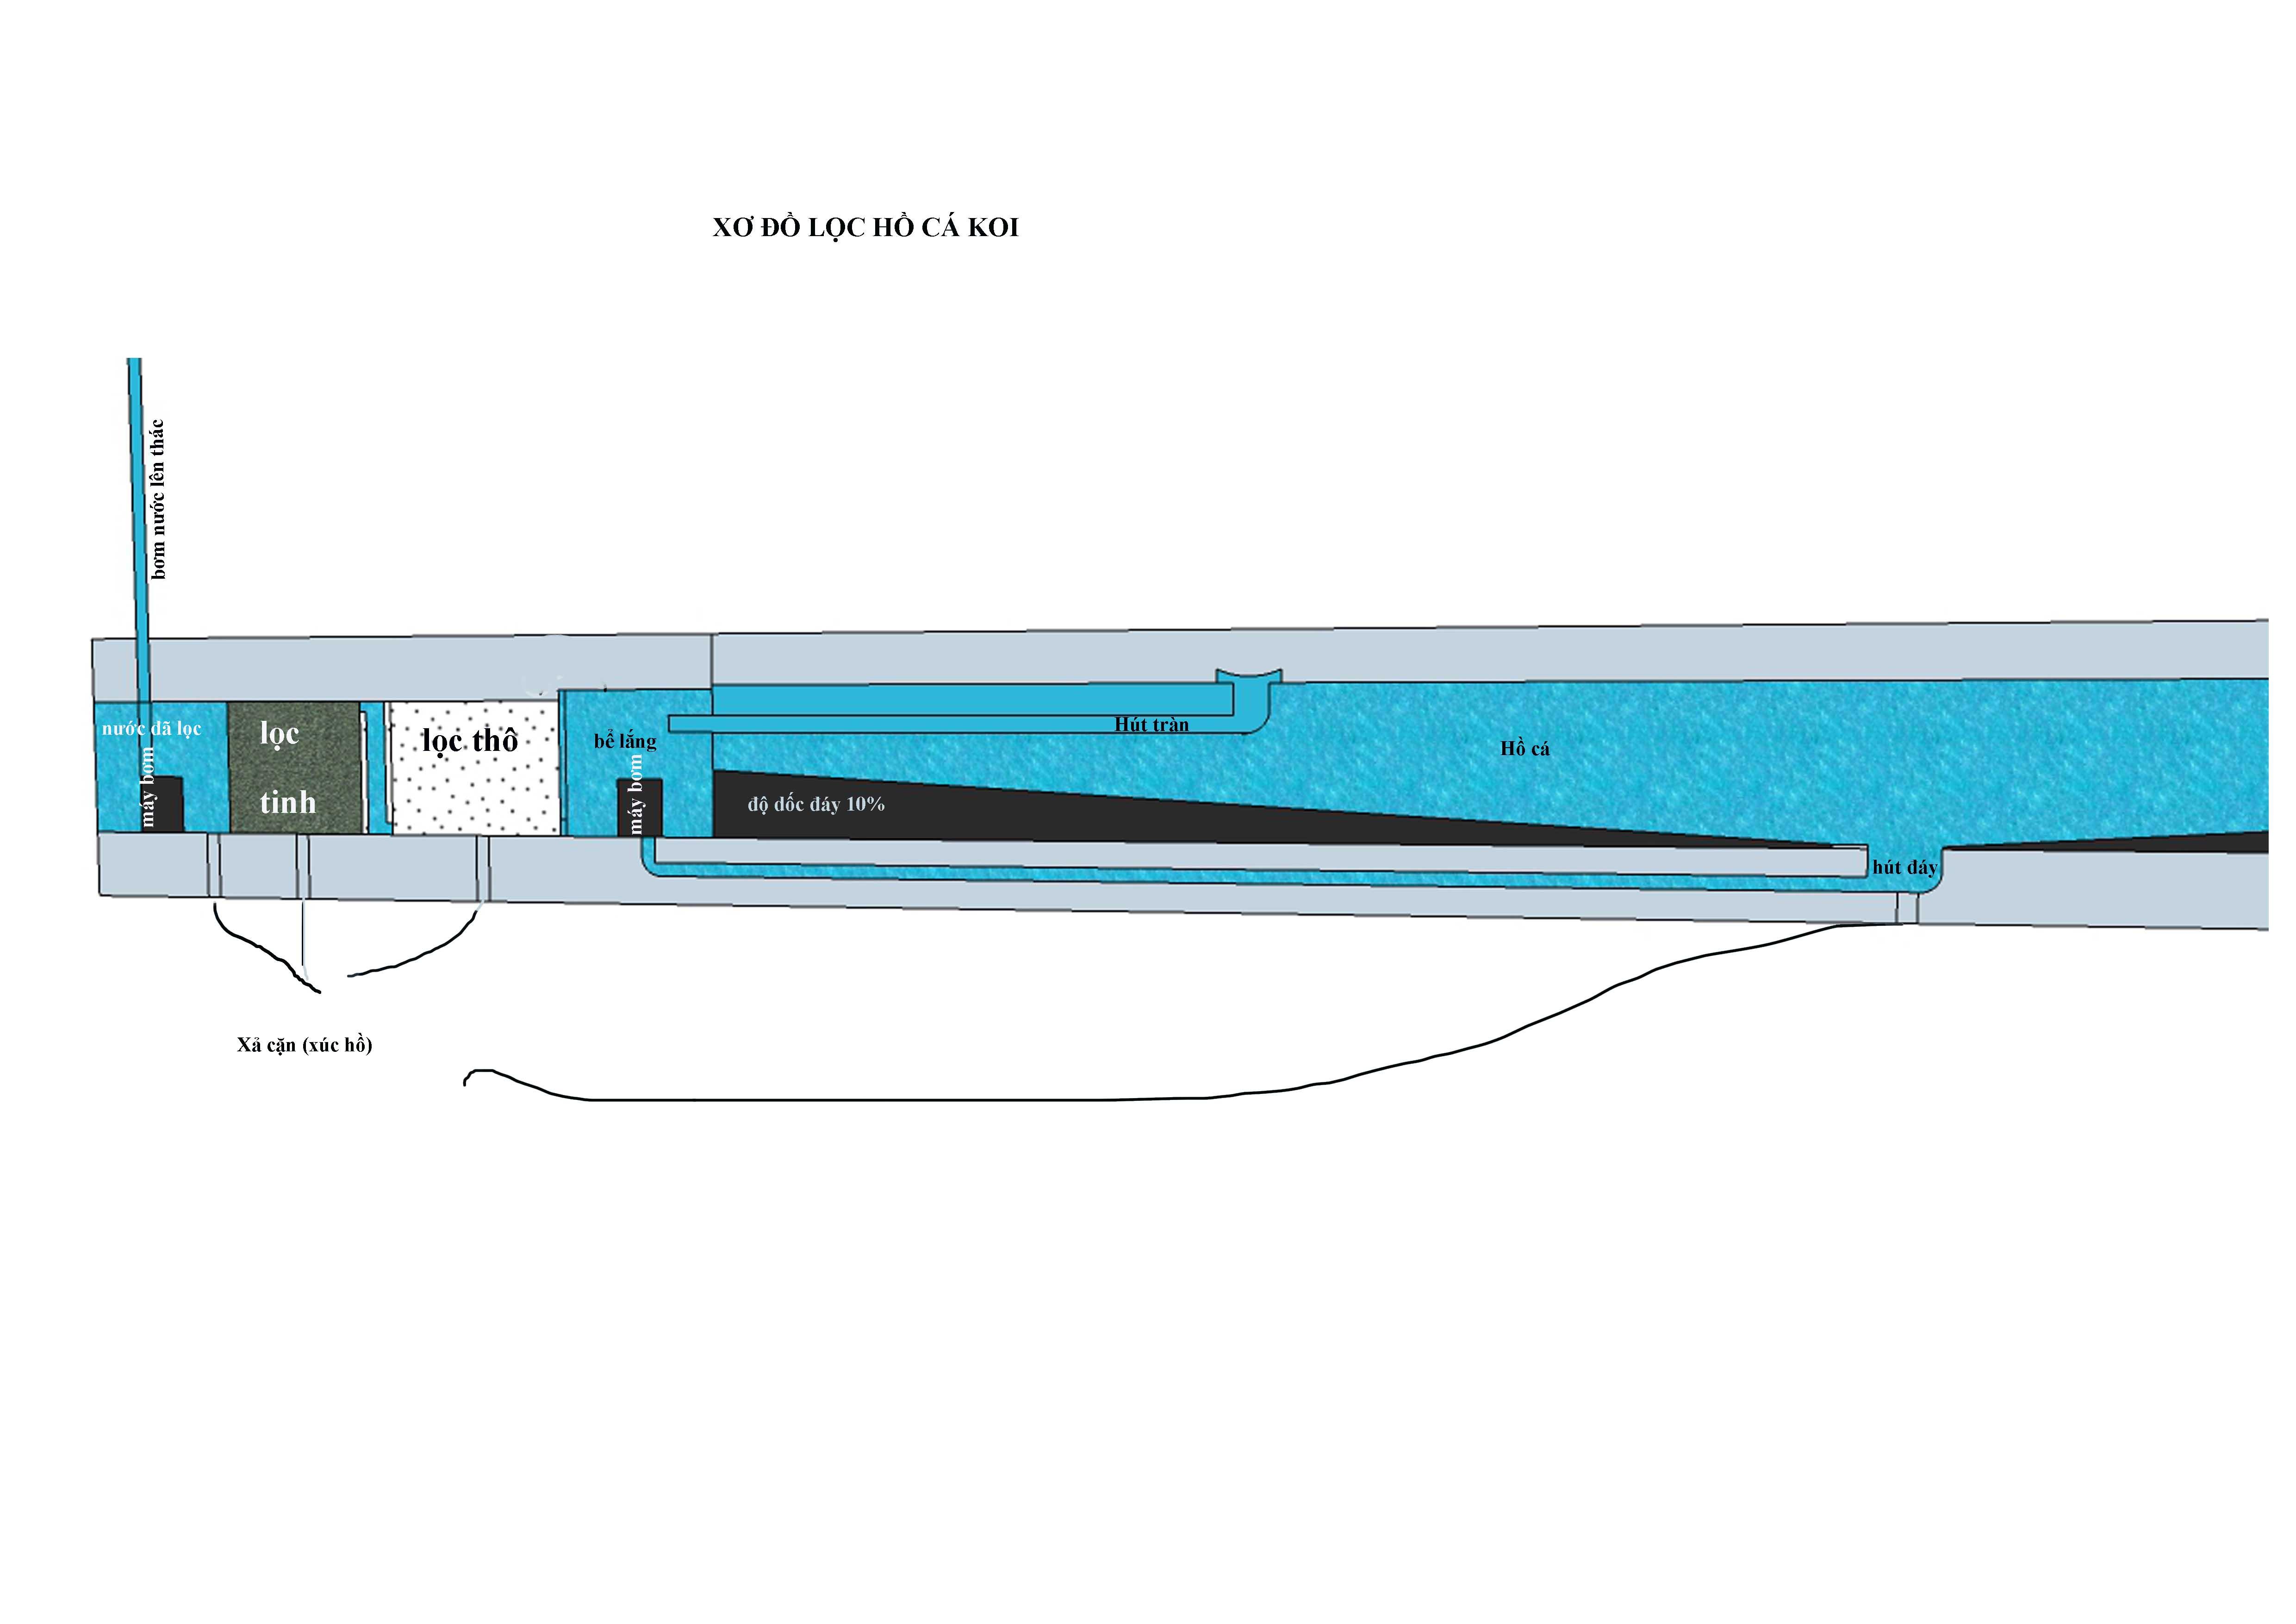 thiếtt kế hồ cá Koi tại vũng tàu